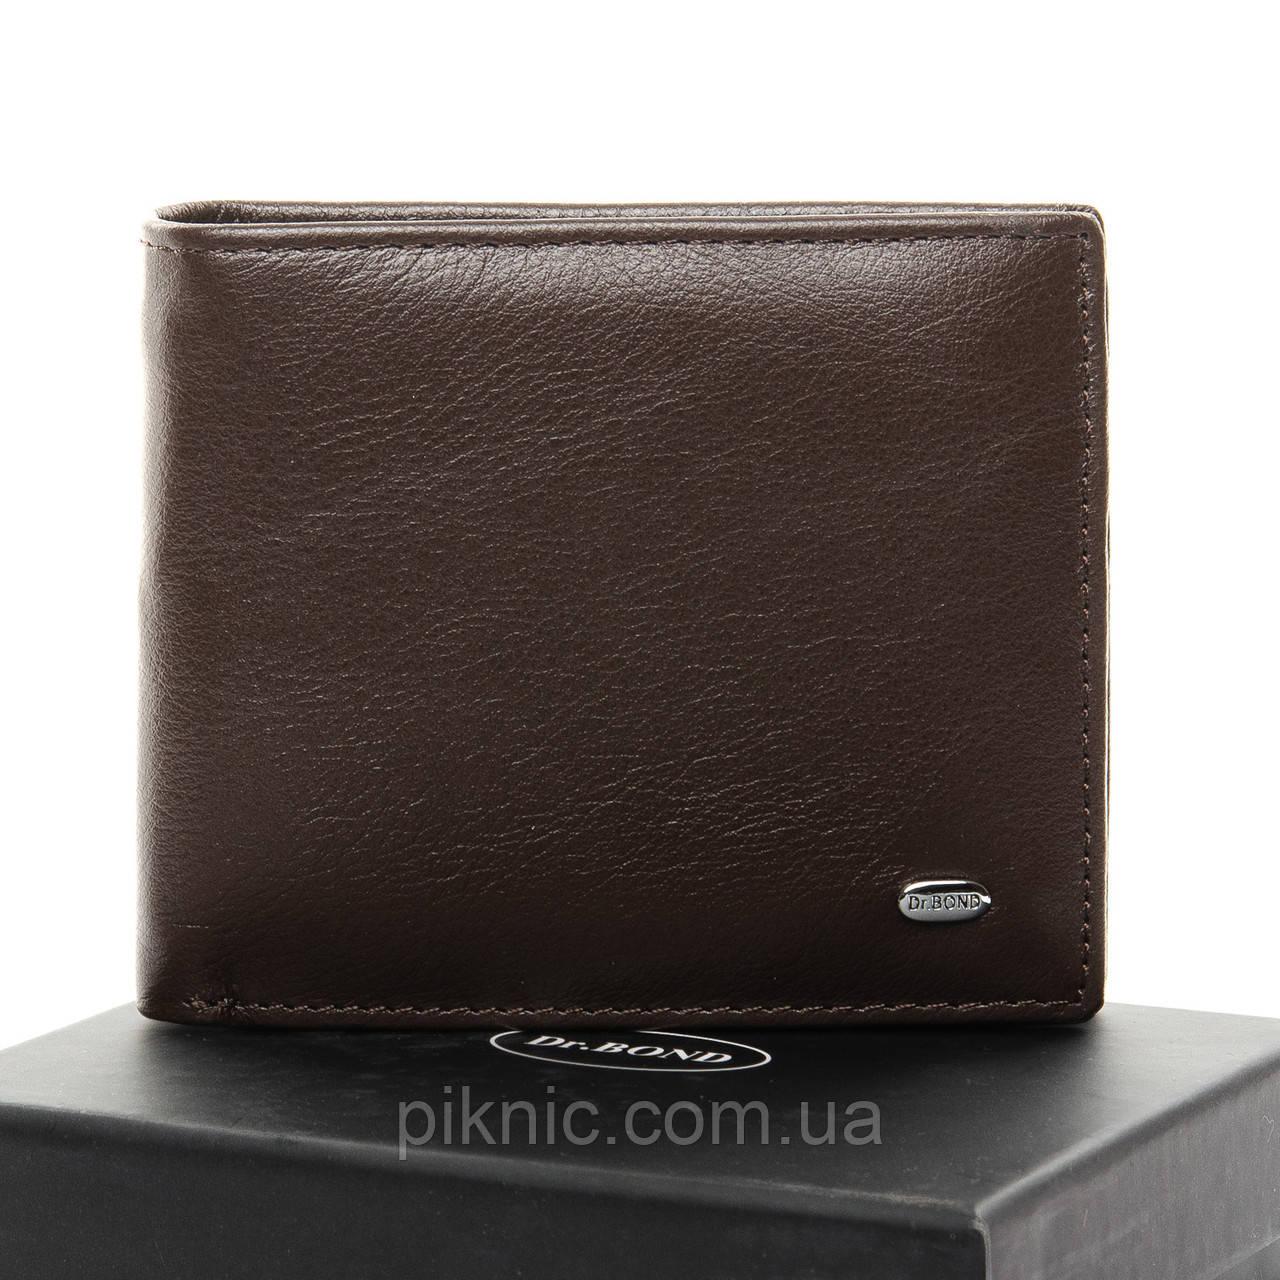 Кожаный мужской кошелек Dr Bond на магните, зажим для денег. Портмоне из натуральной кожи. Коричневый